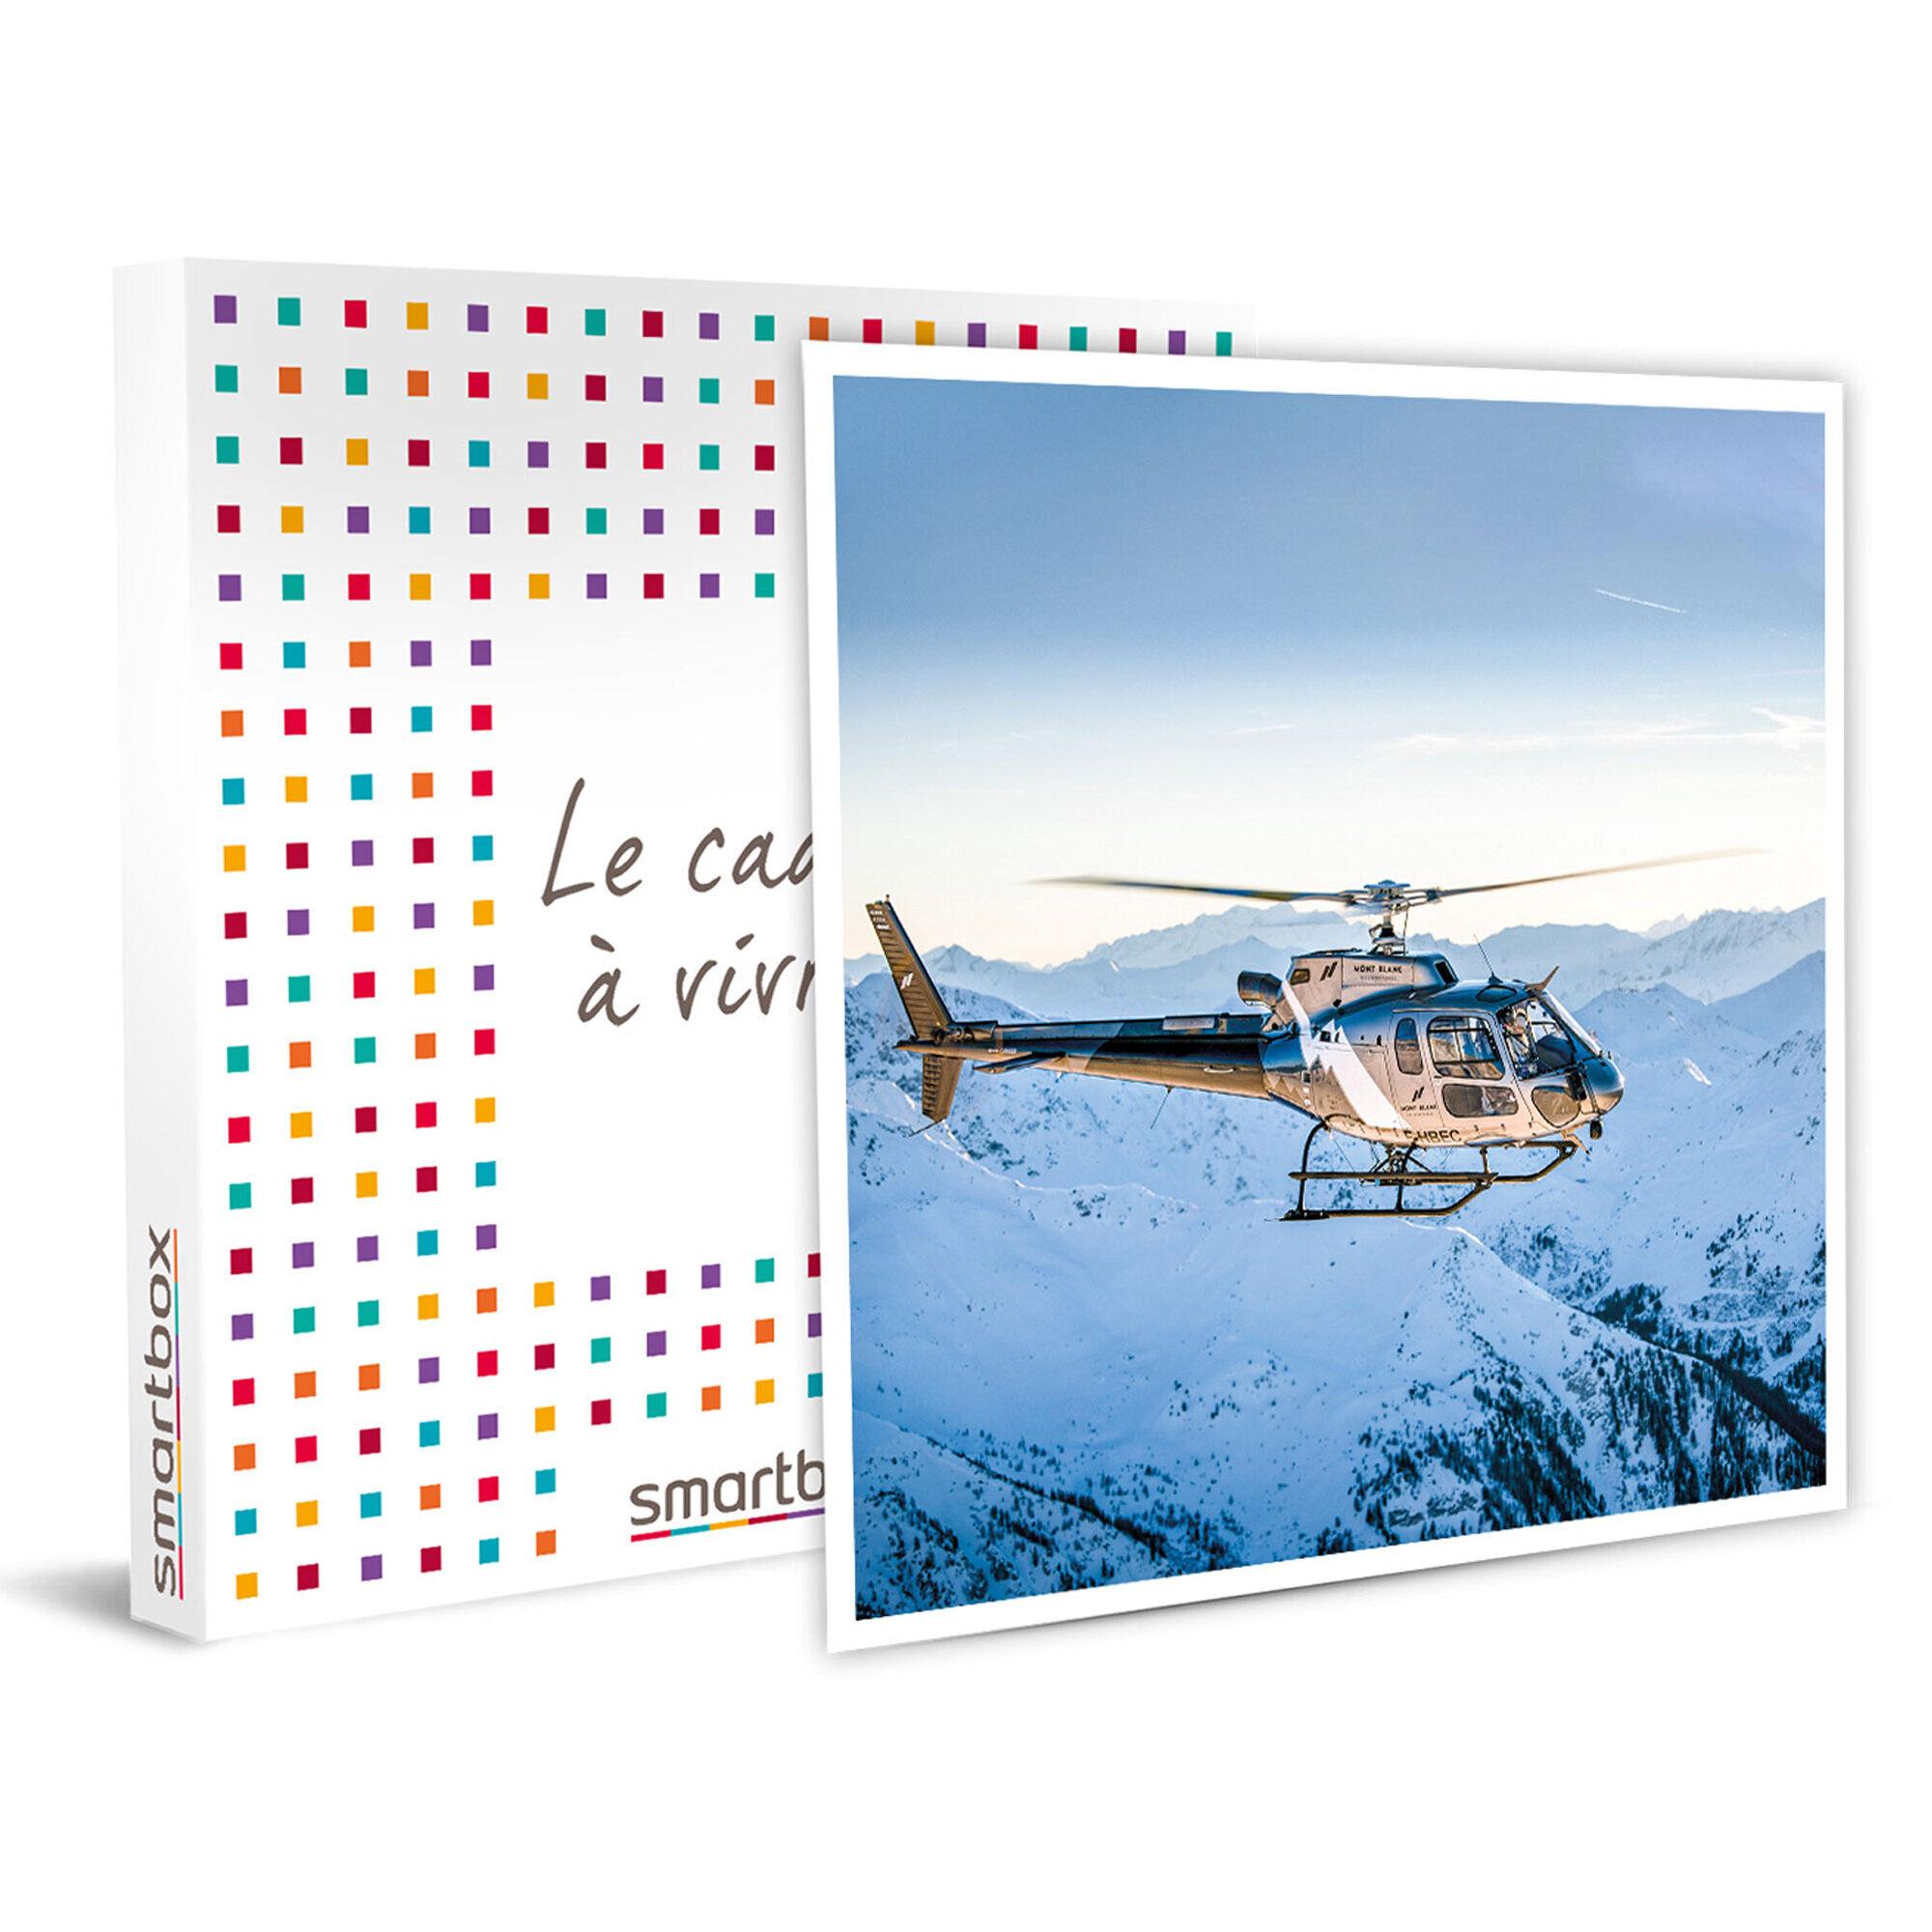 Smartbox 30 minutes de survol du mont Blanc en hélicoptère pour 2 Coffret cadeau Smartbox